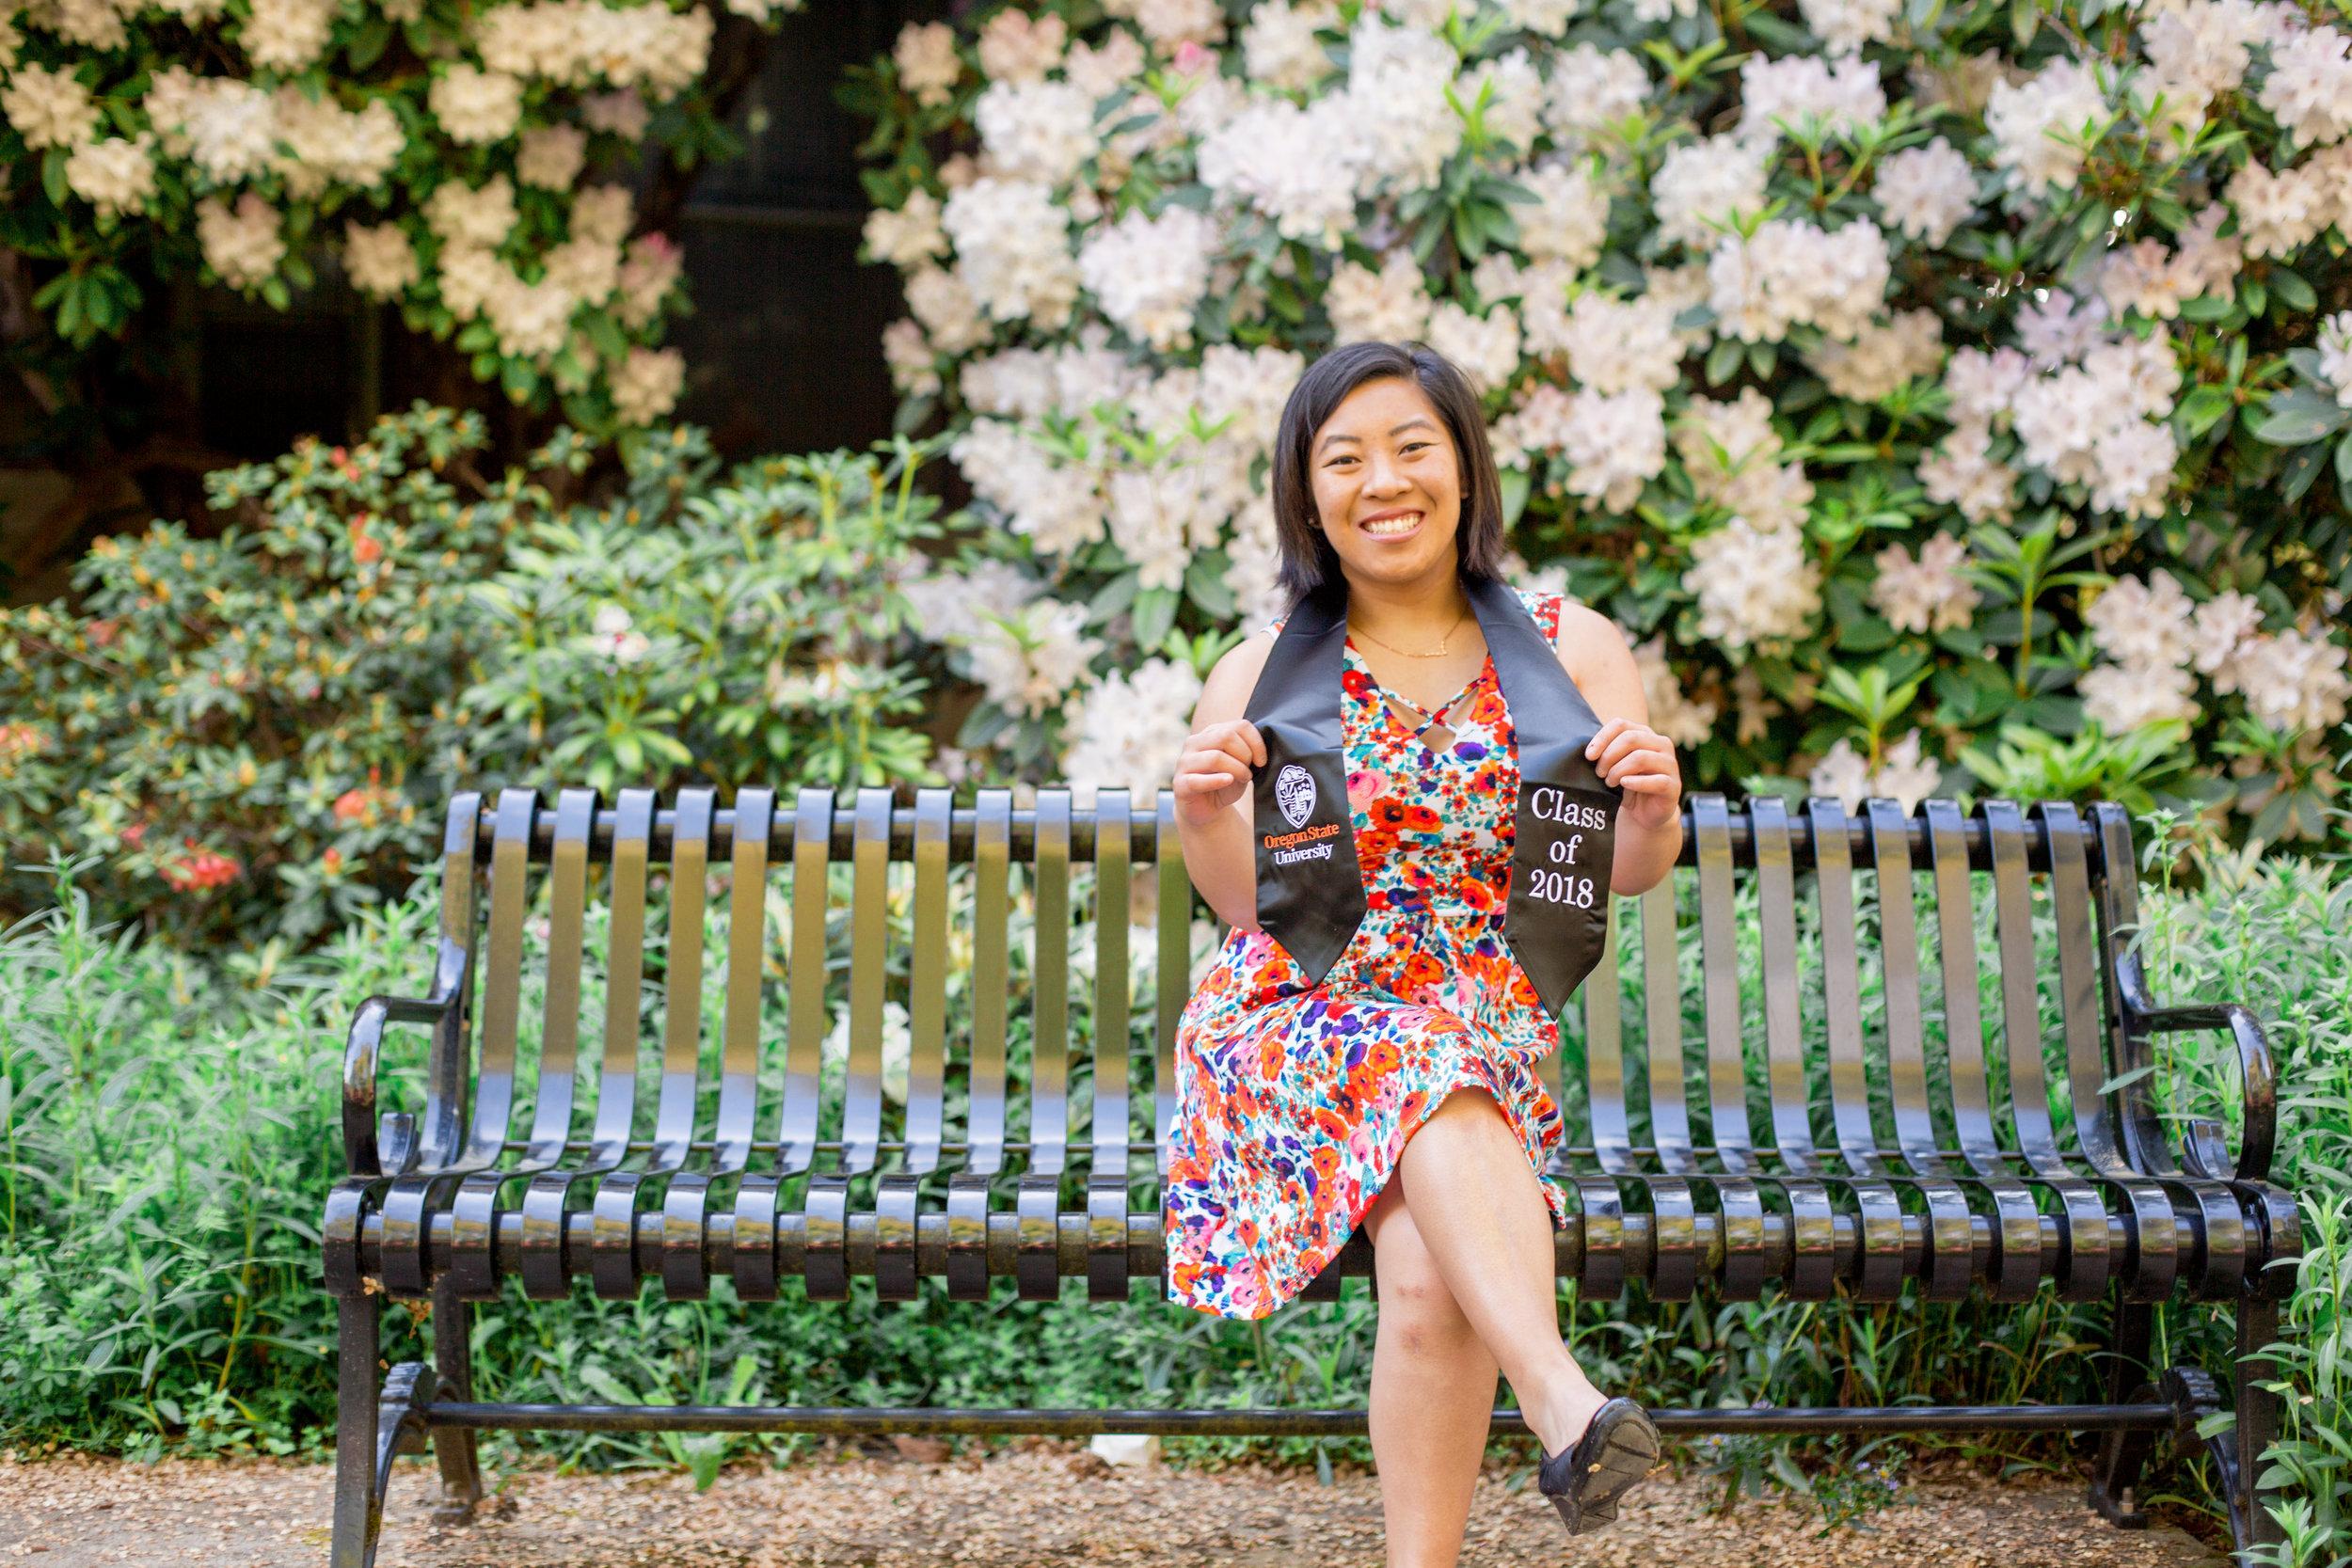 SeniorPhotos-Rachel-43.jpg